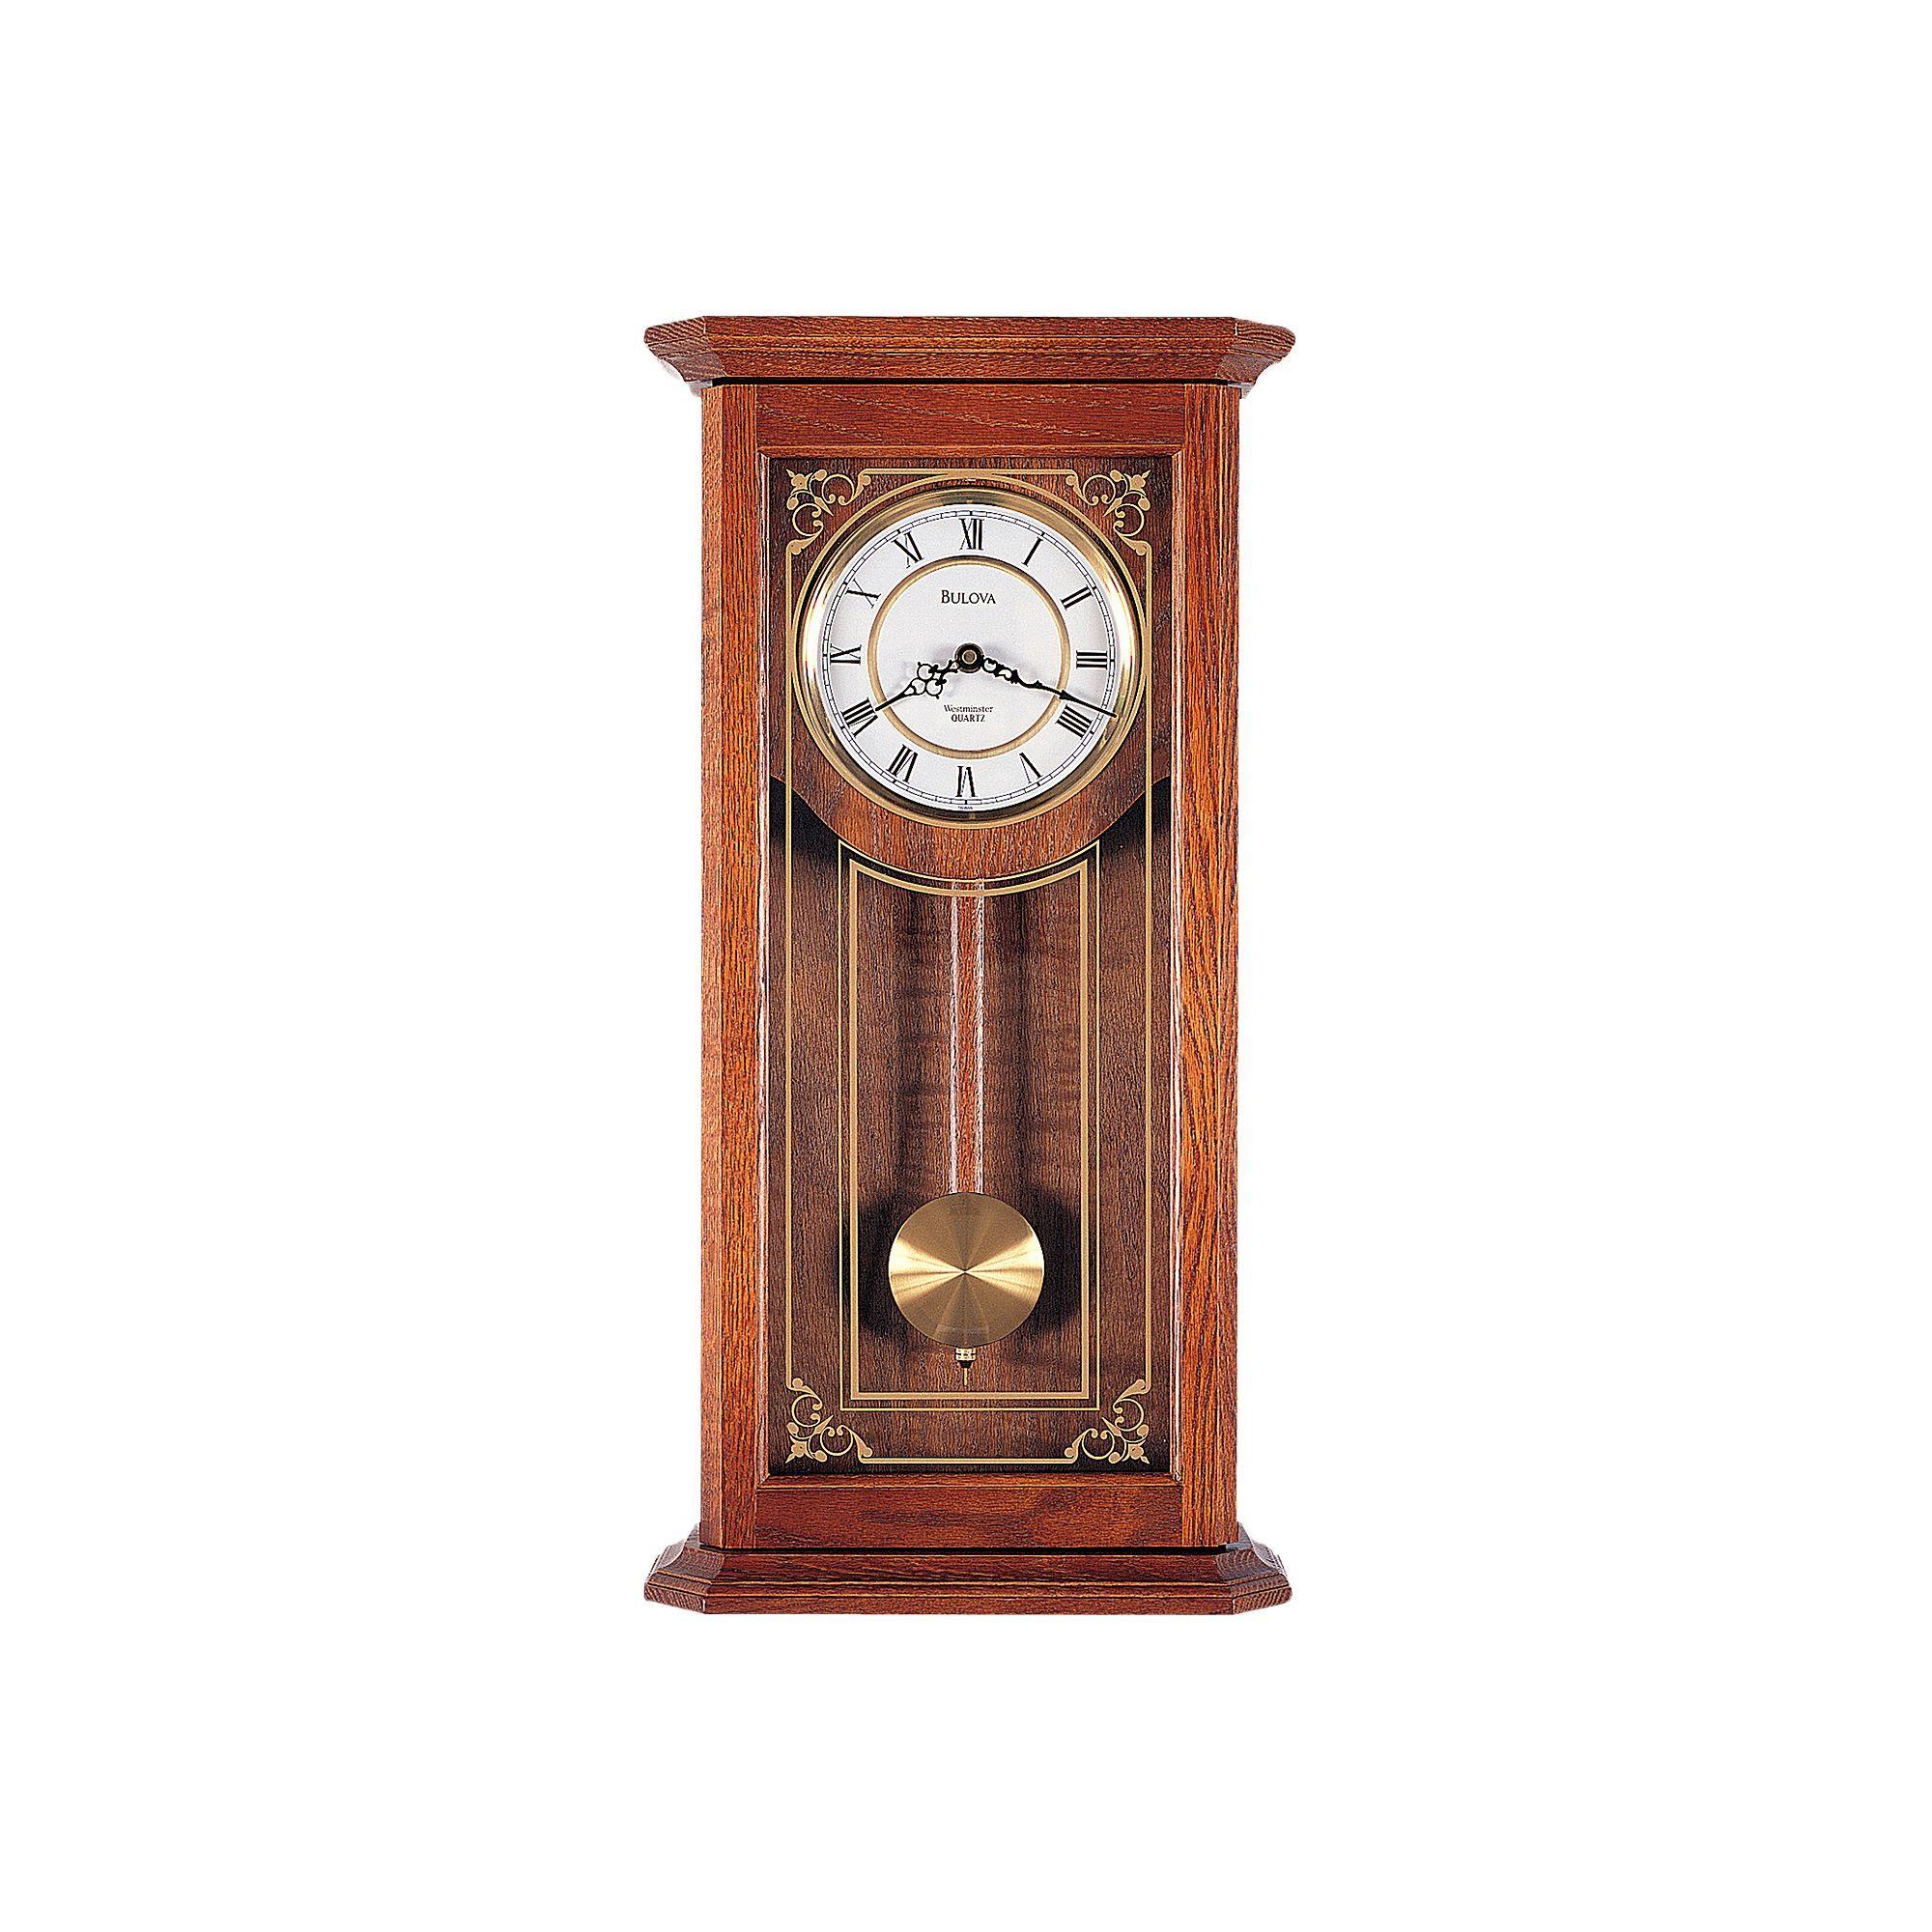 Bulova Cirrus Oak Pendulum Wall Clock C3375 Chiming Wall Clocks Pendulum Clock Pendulum Wall Clock